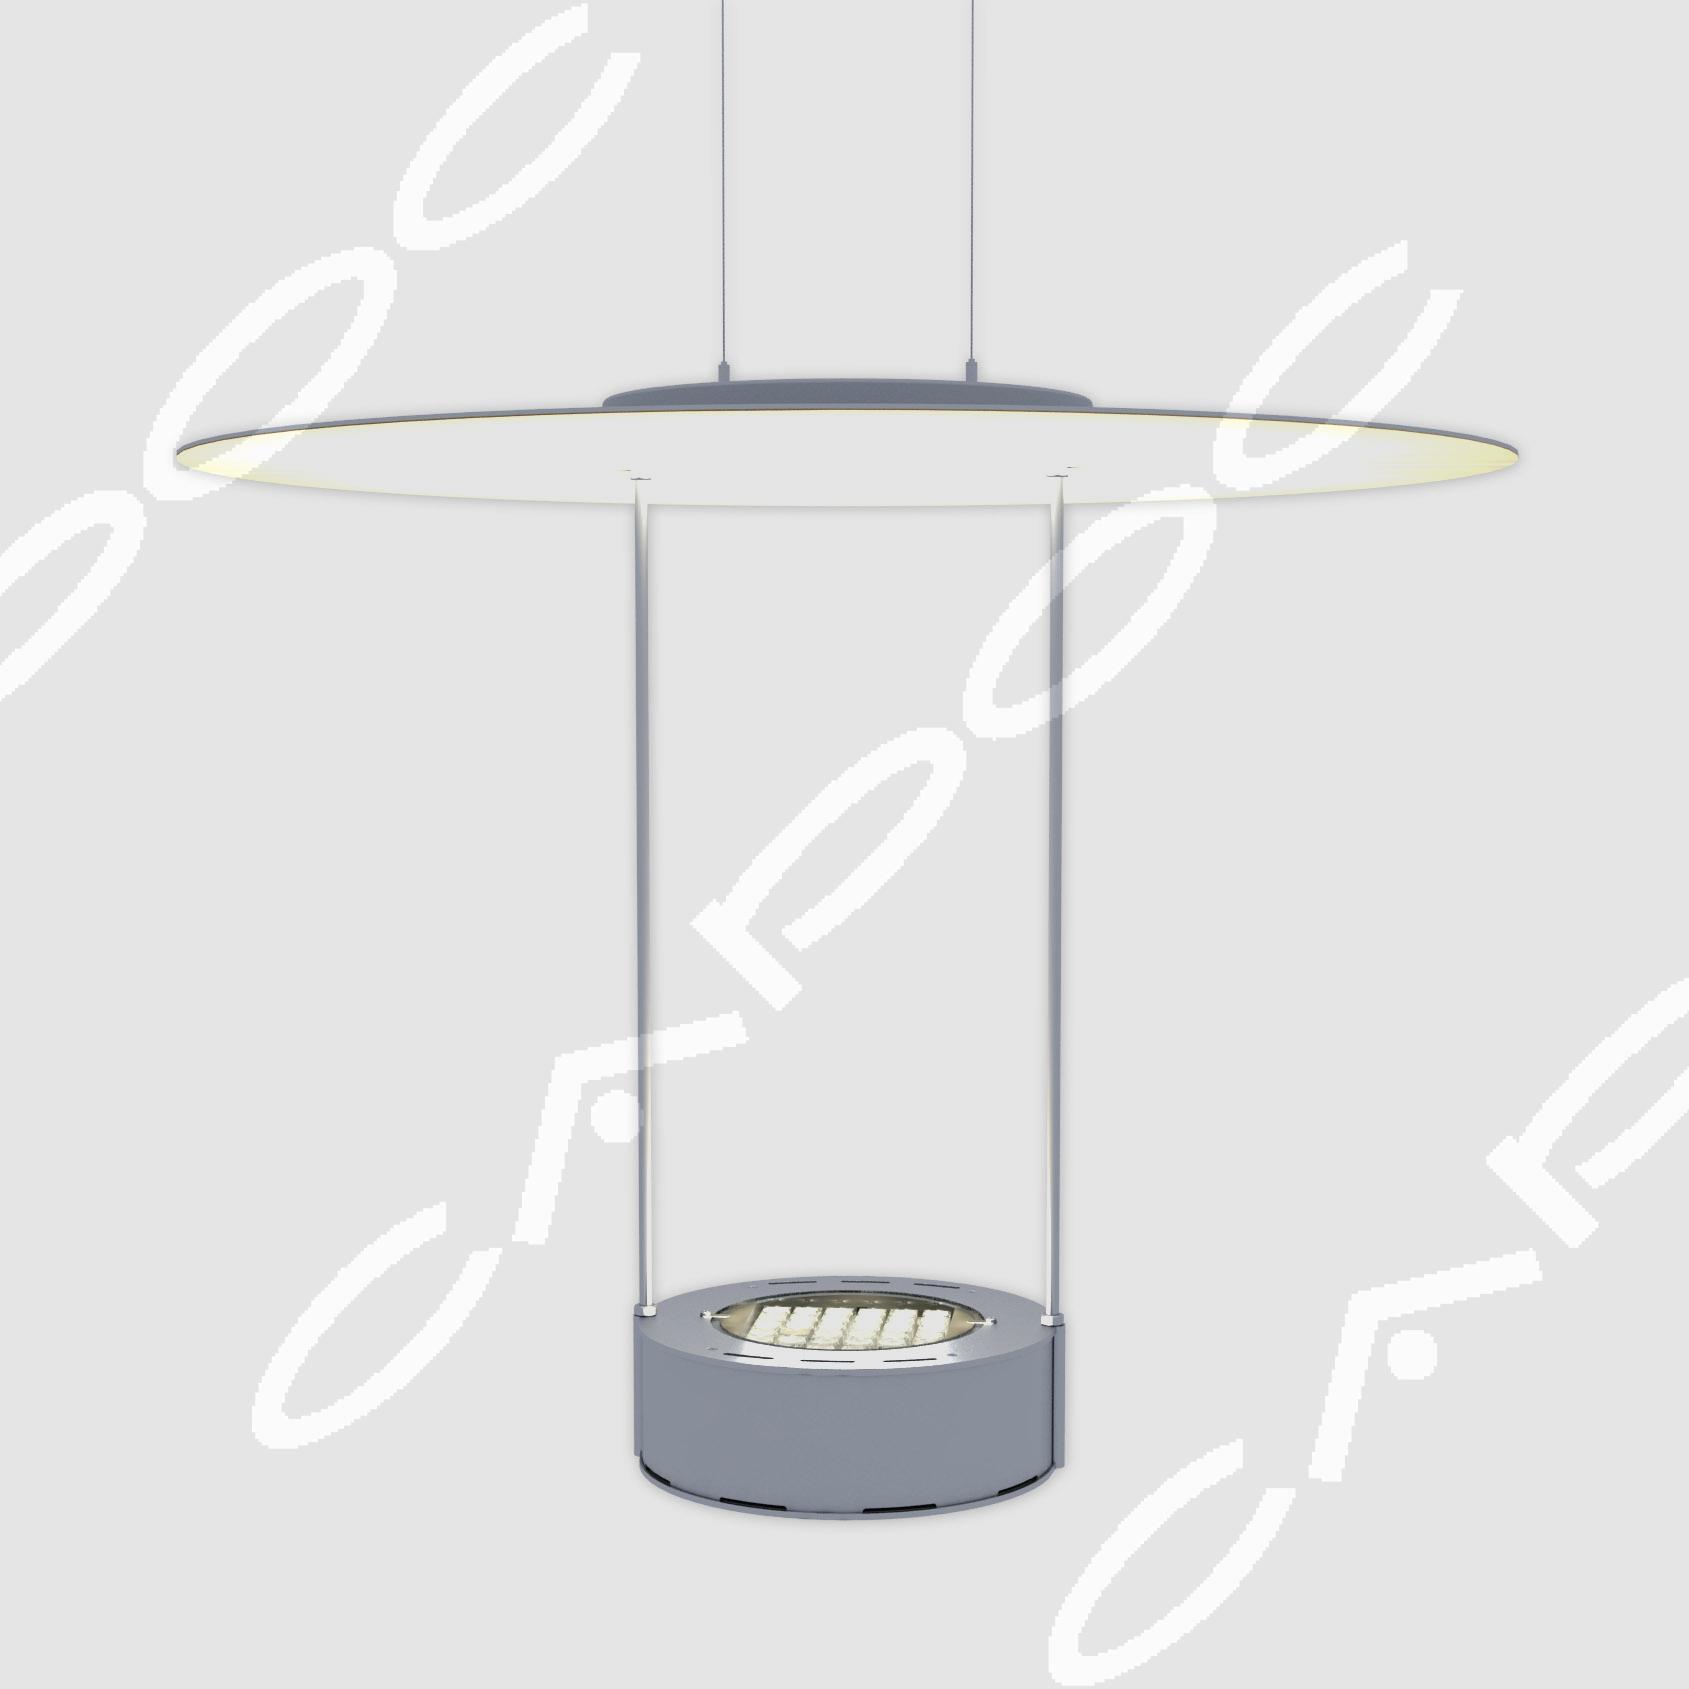 Светодиодный интерьерный подвесной светильник Пируэт